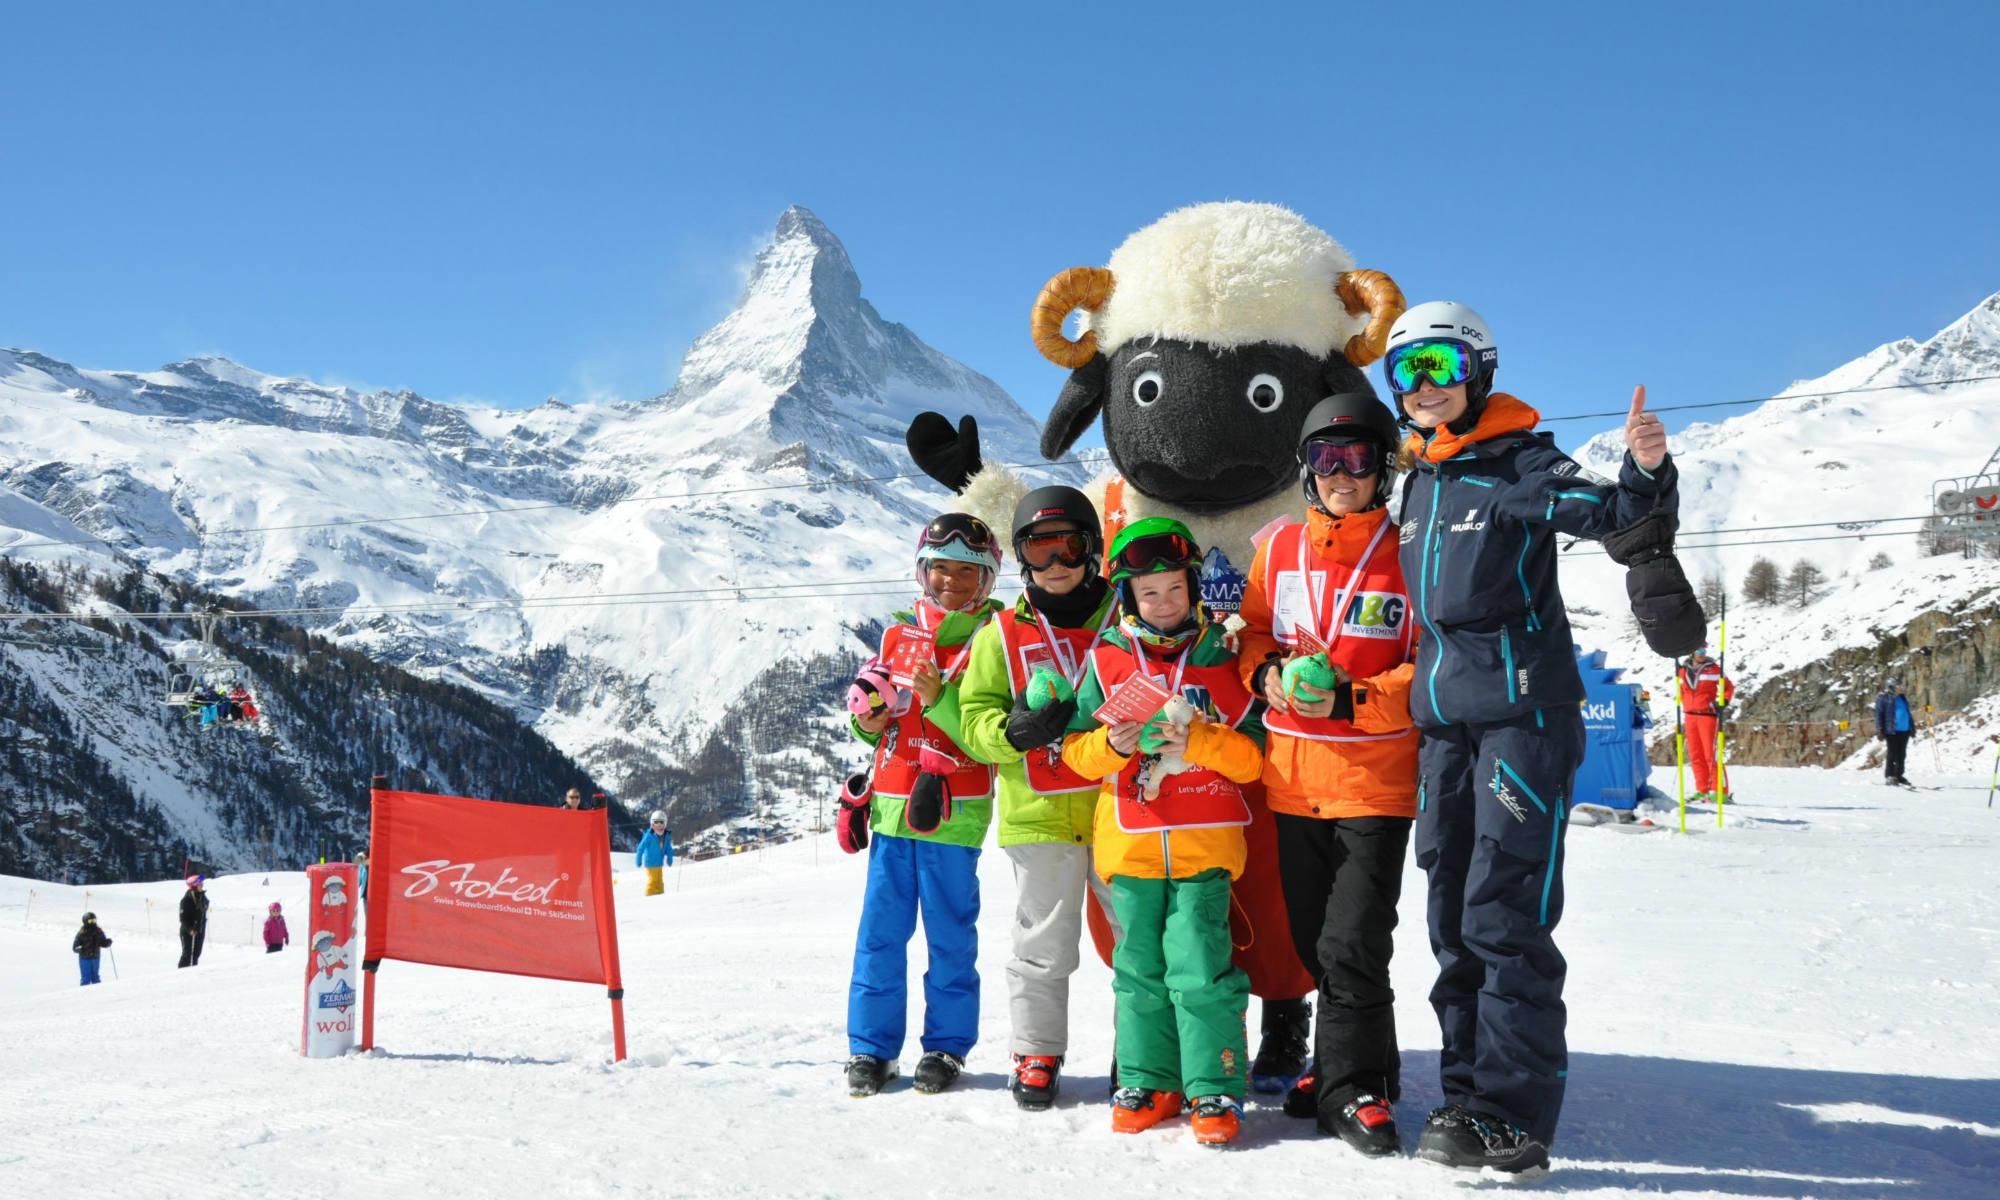 Eine Gruppe Kinder und eine Skilehrerin stehen auf einer Skipiste vor dem Panorama des Matterhorns.